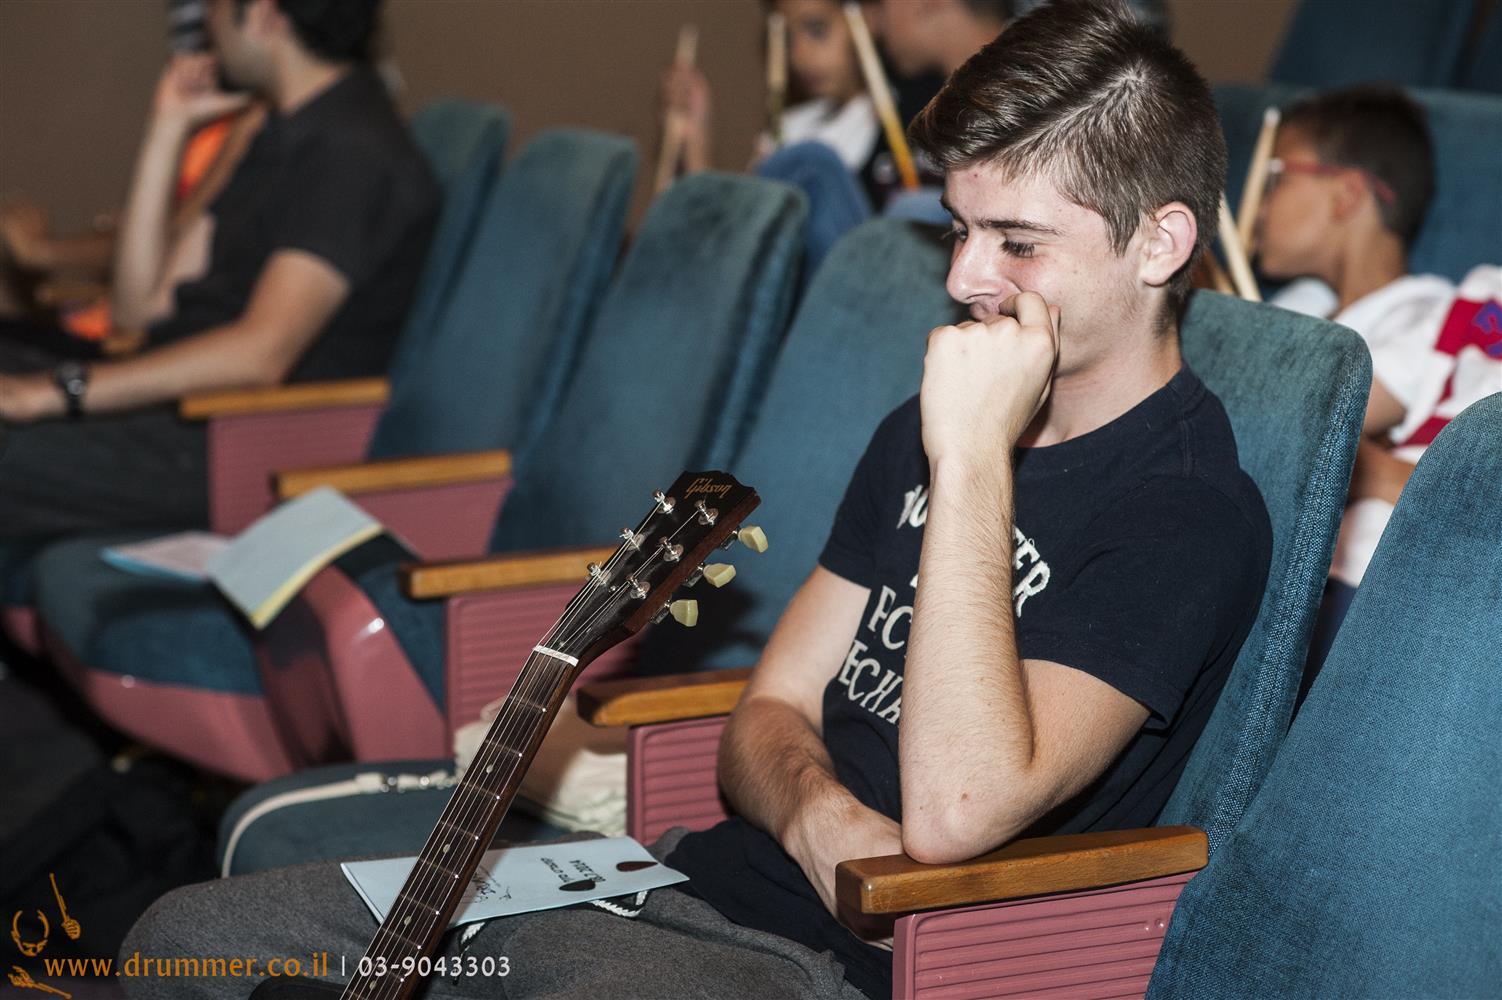 דראמר בית הספר למוסיקה של פתח תקווה